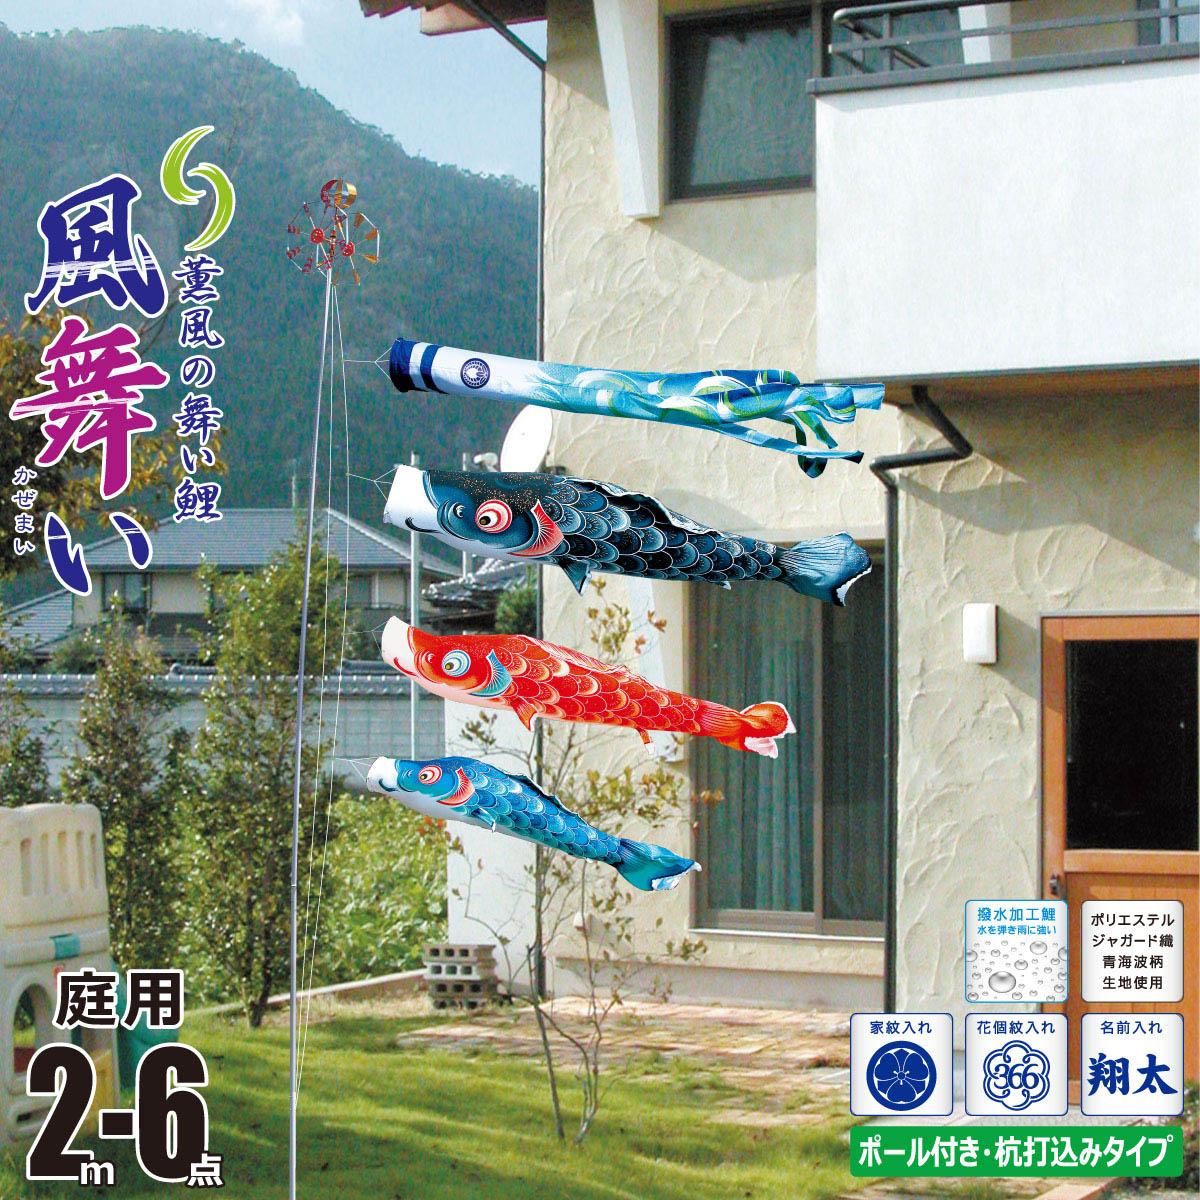 こいのぼり 2m 風舞い 6点 (矢車、ロープ、吹流し、鯉3匹) 庭園用 ガーデンセット (専用ポール一式) 徳永鯉のぼり KIT-118-400